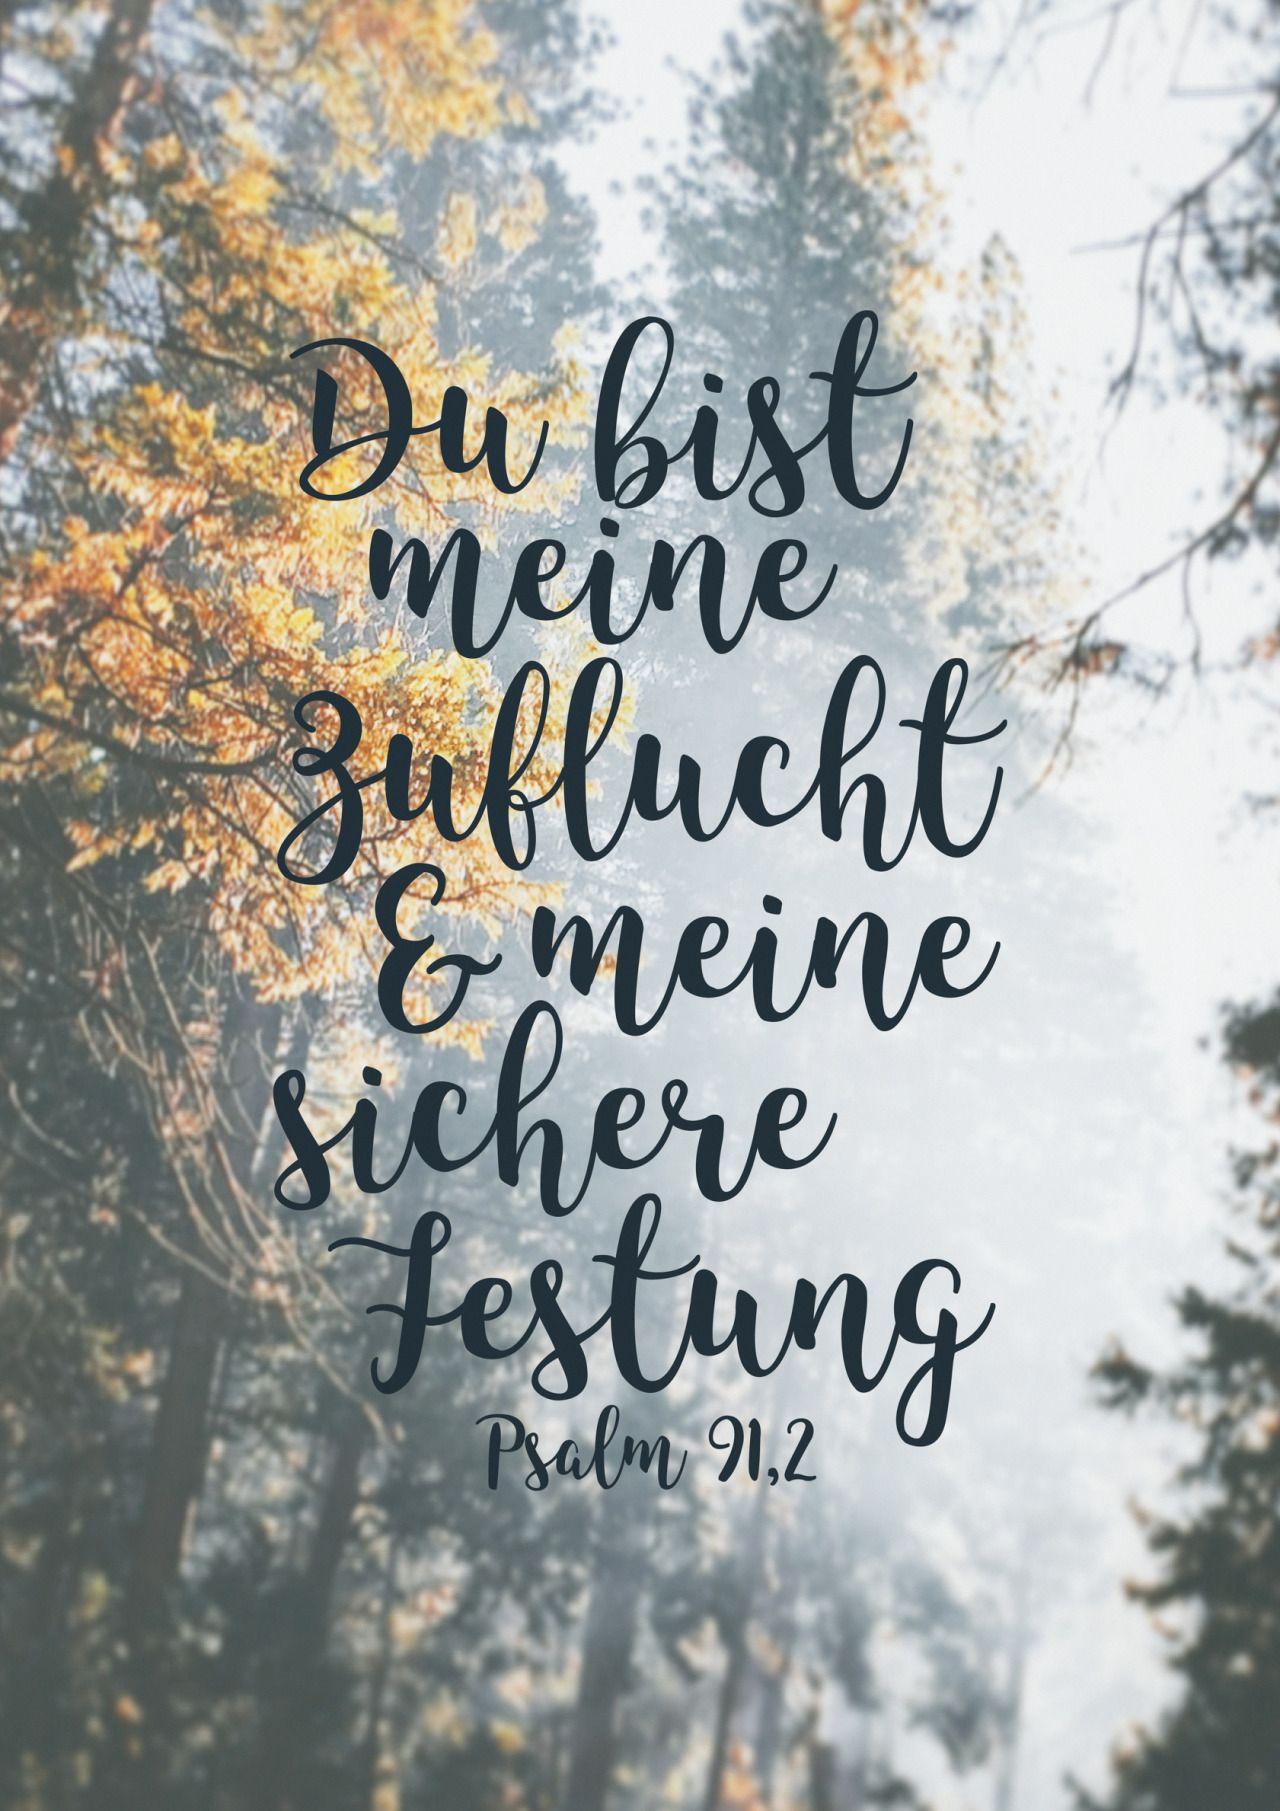 Du bist meine Zuflucht und meine sichere Festung. Psalm 91